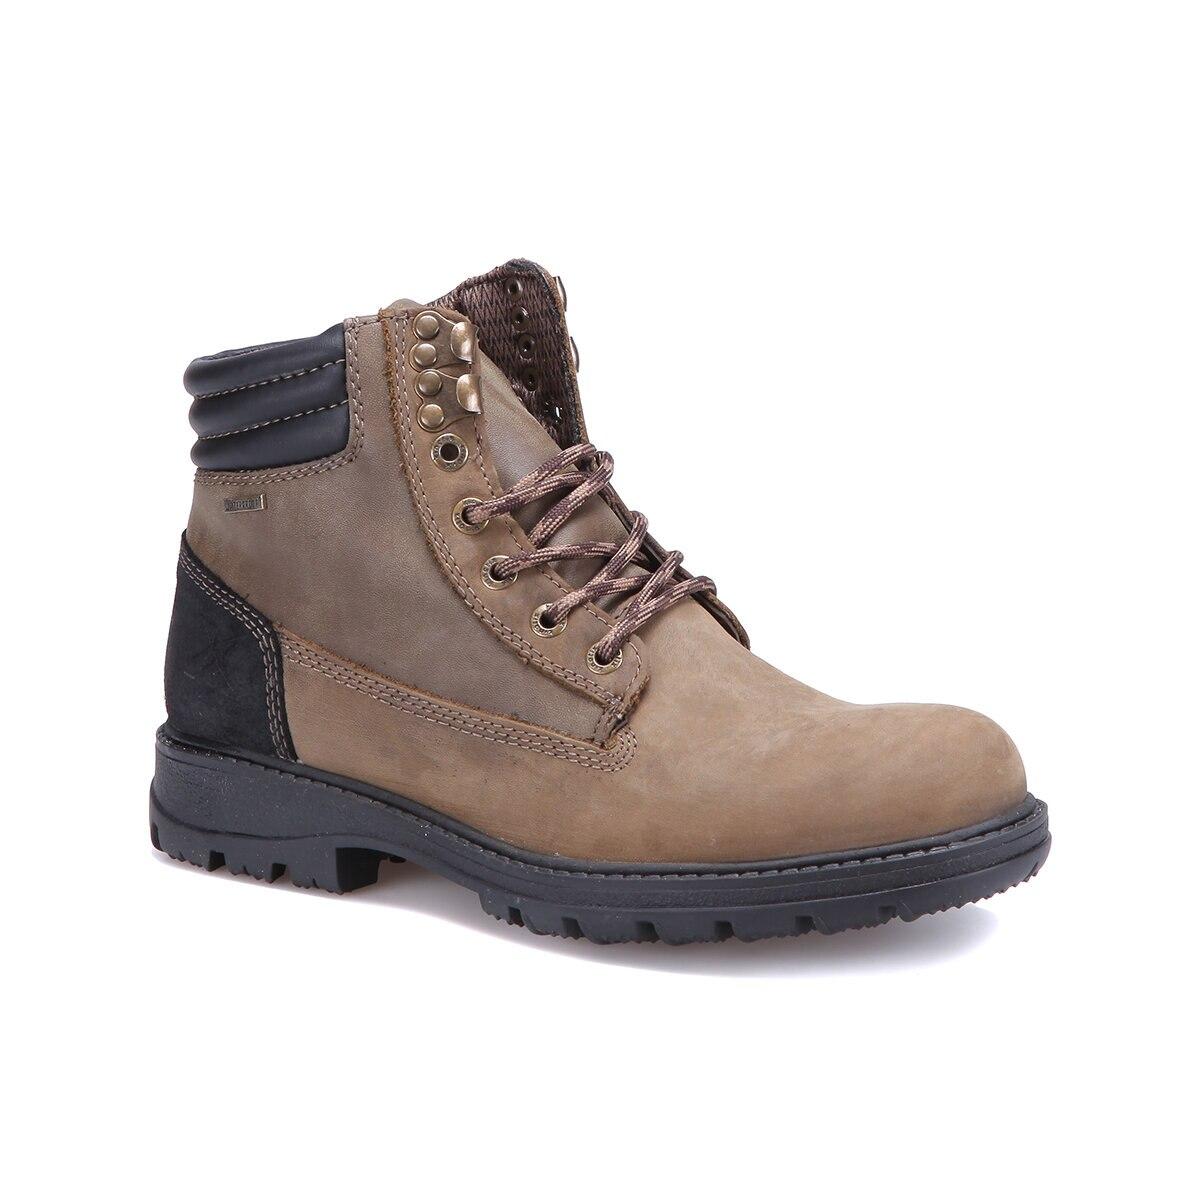 FLO BATES Sand Color Men Boots KINETIX